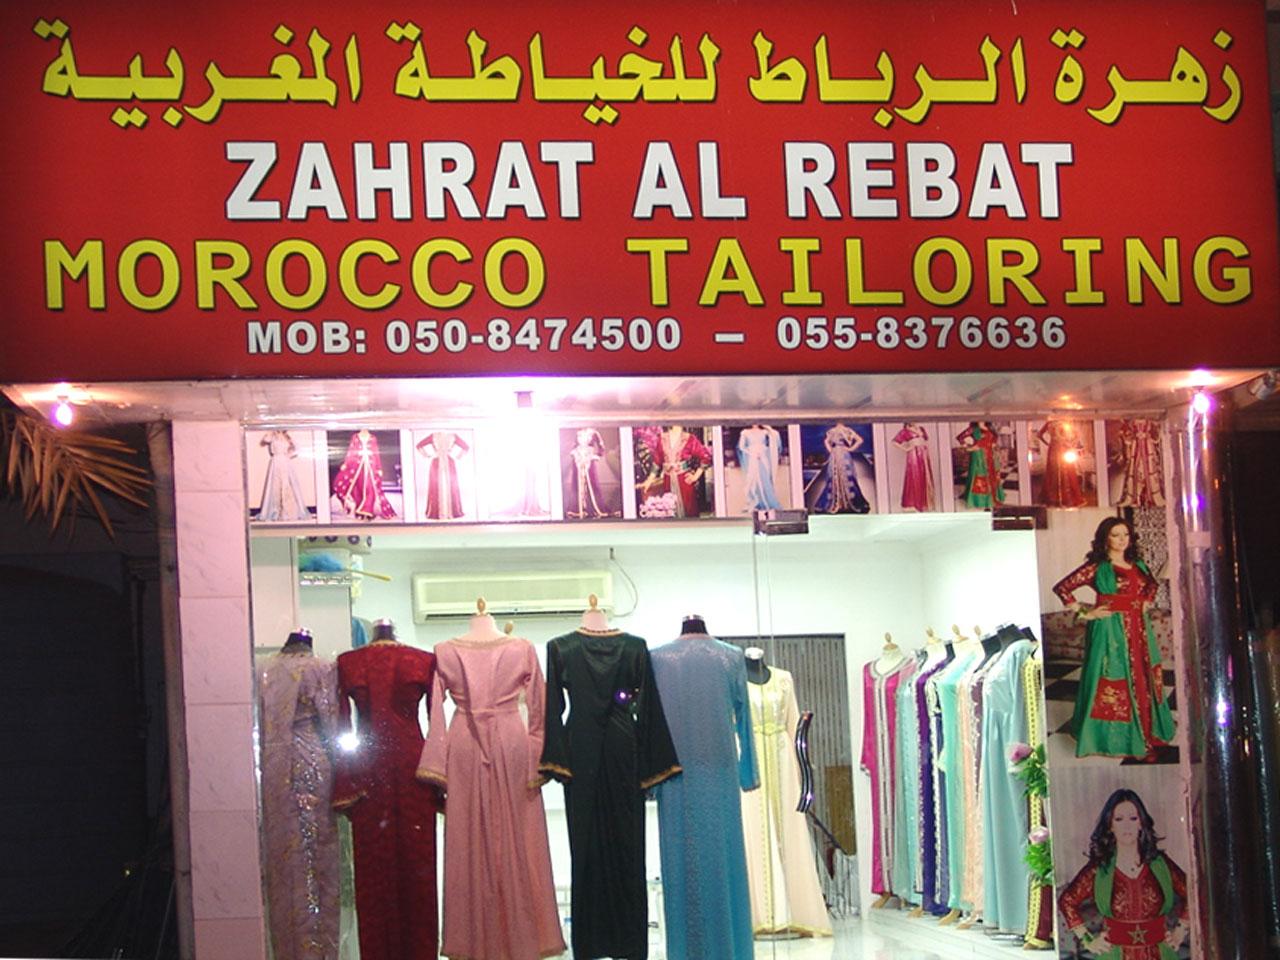 Zahrat Al Rebat Morocco tailoring - DSC02116.jpg